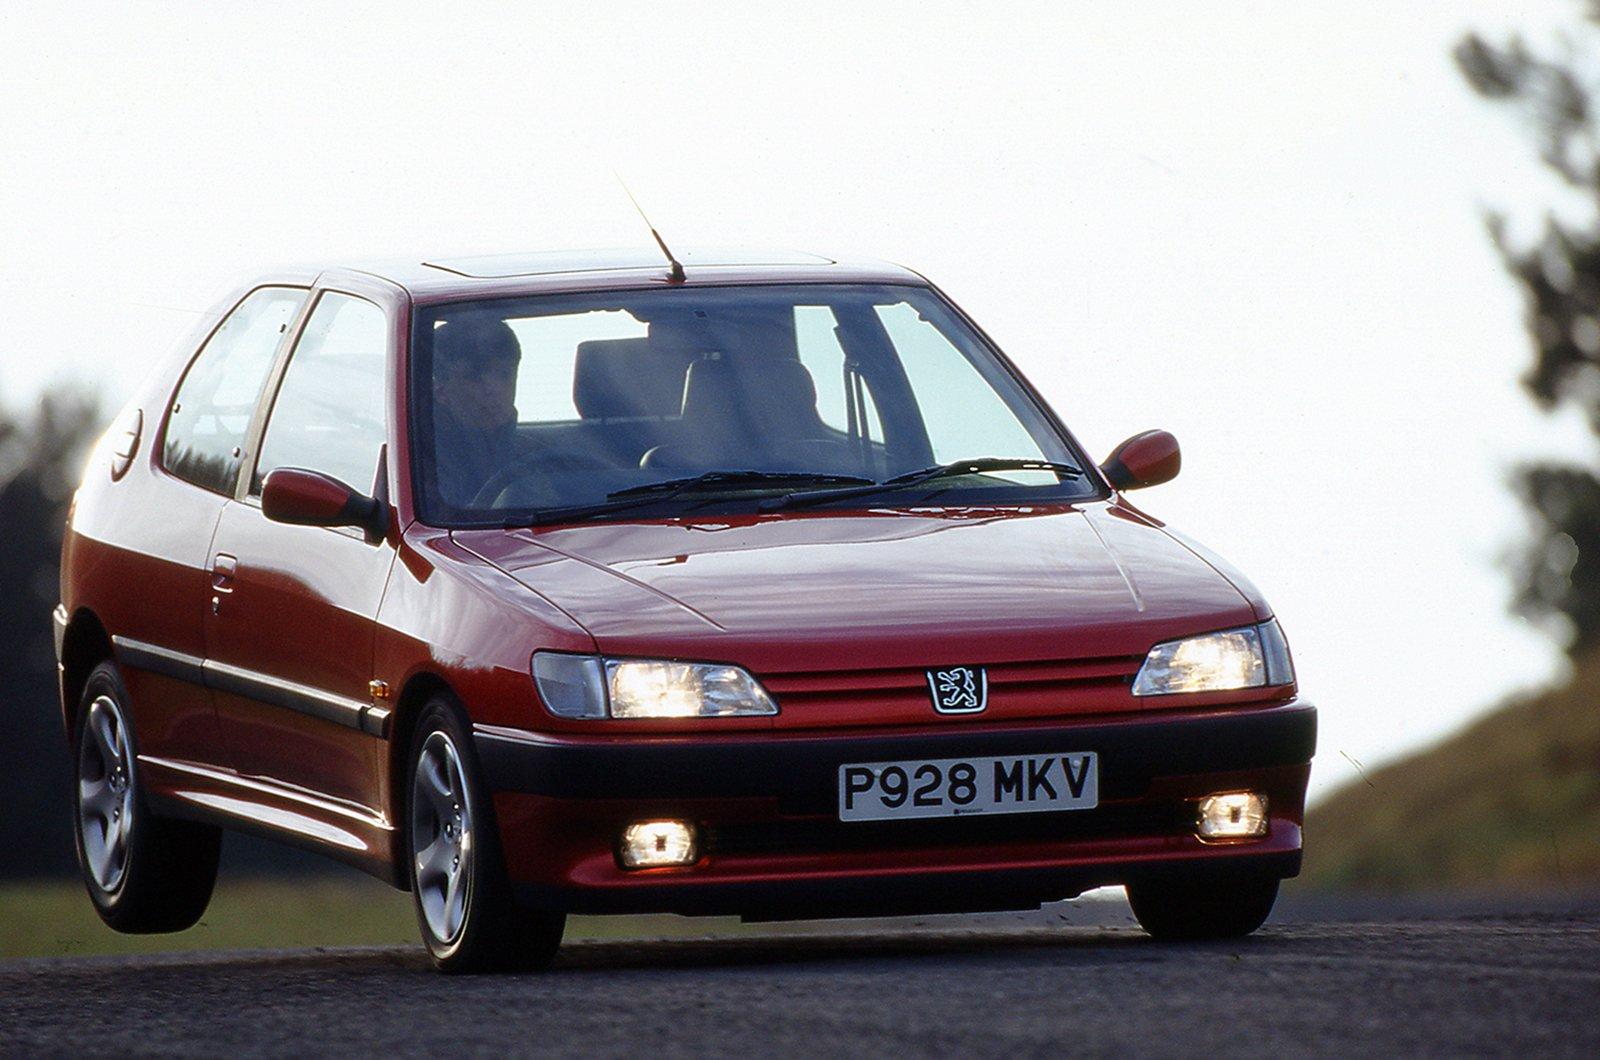 Peugeot 306 1.6 LX